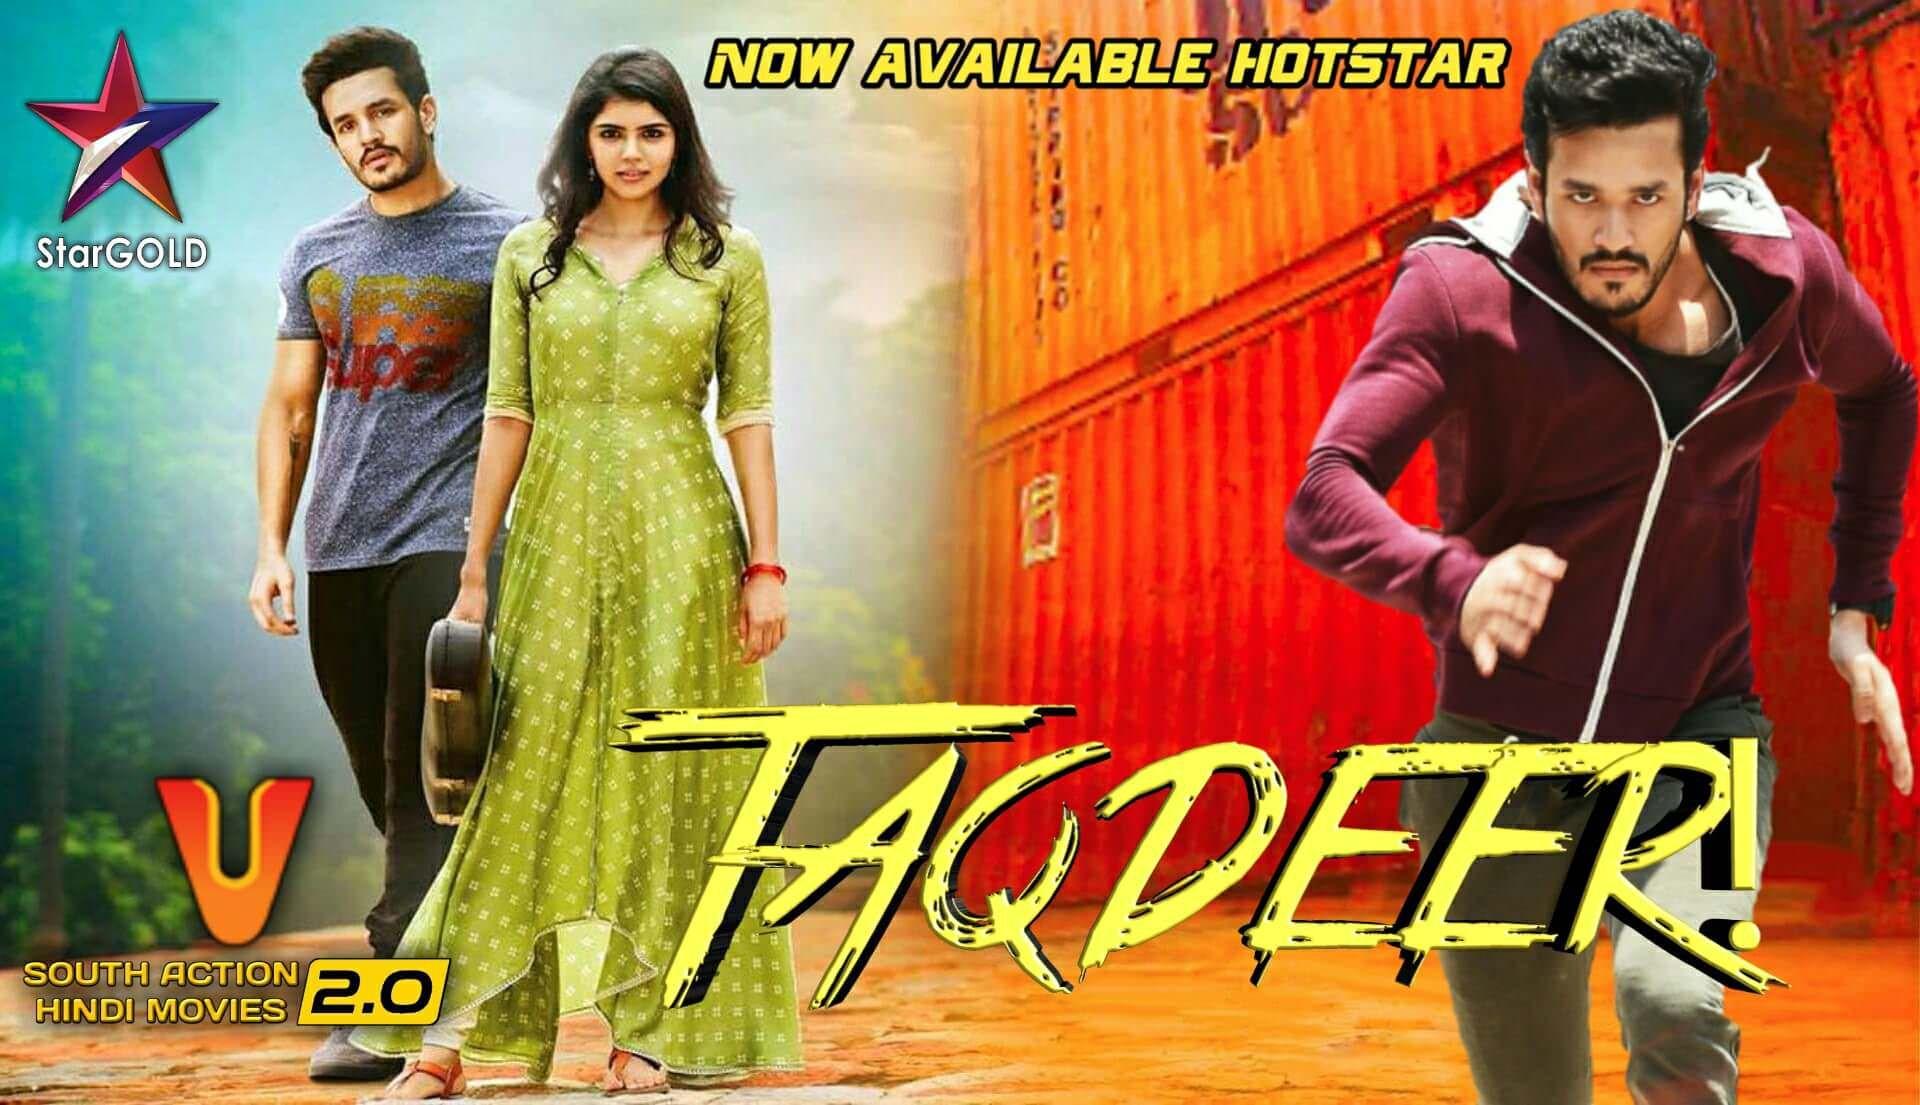 Taqdeer Hello 2018 Hindi Dubbed Full Hd Movie